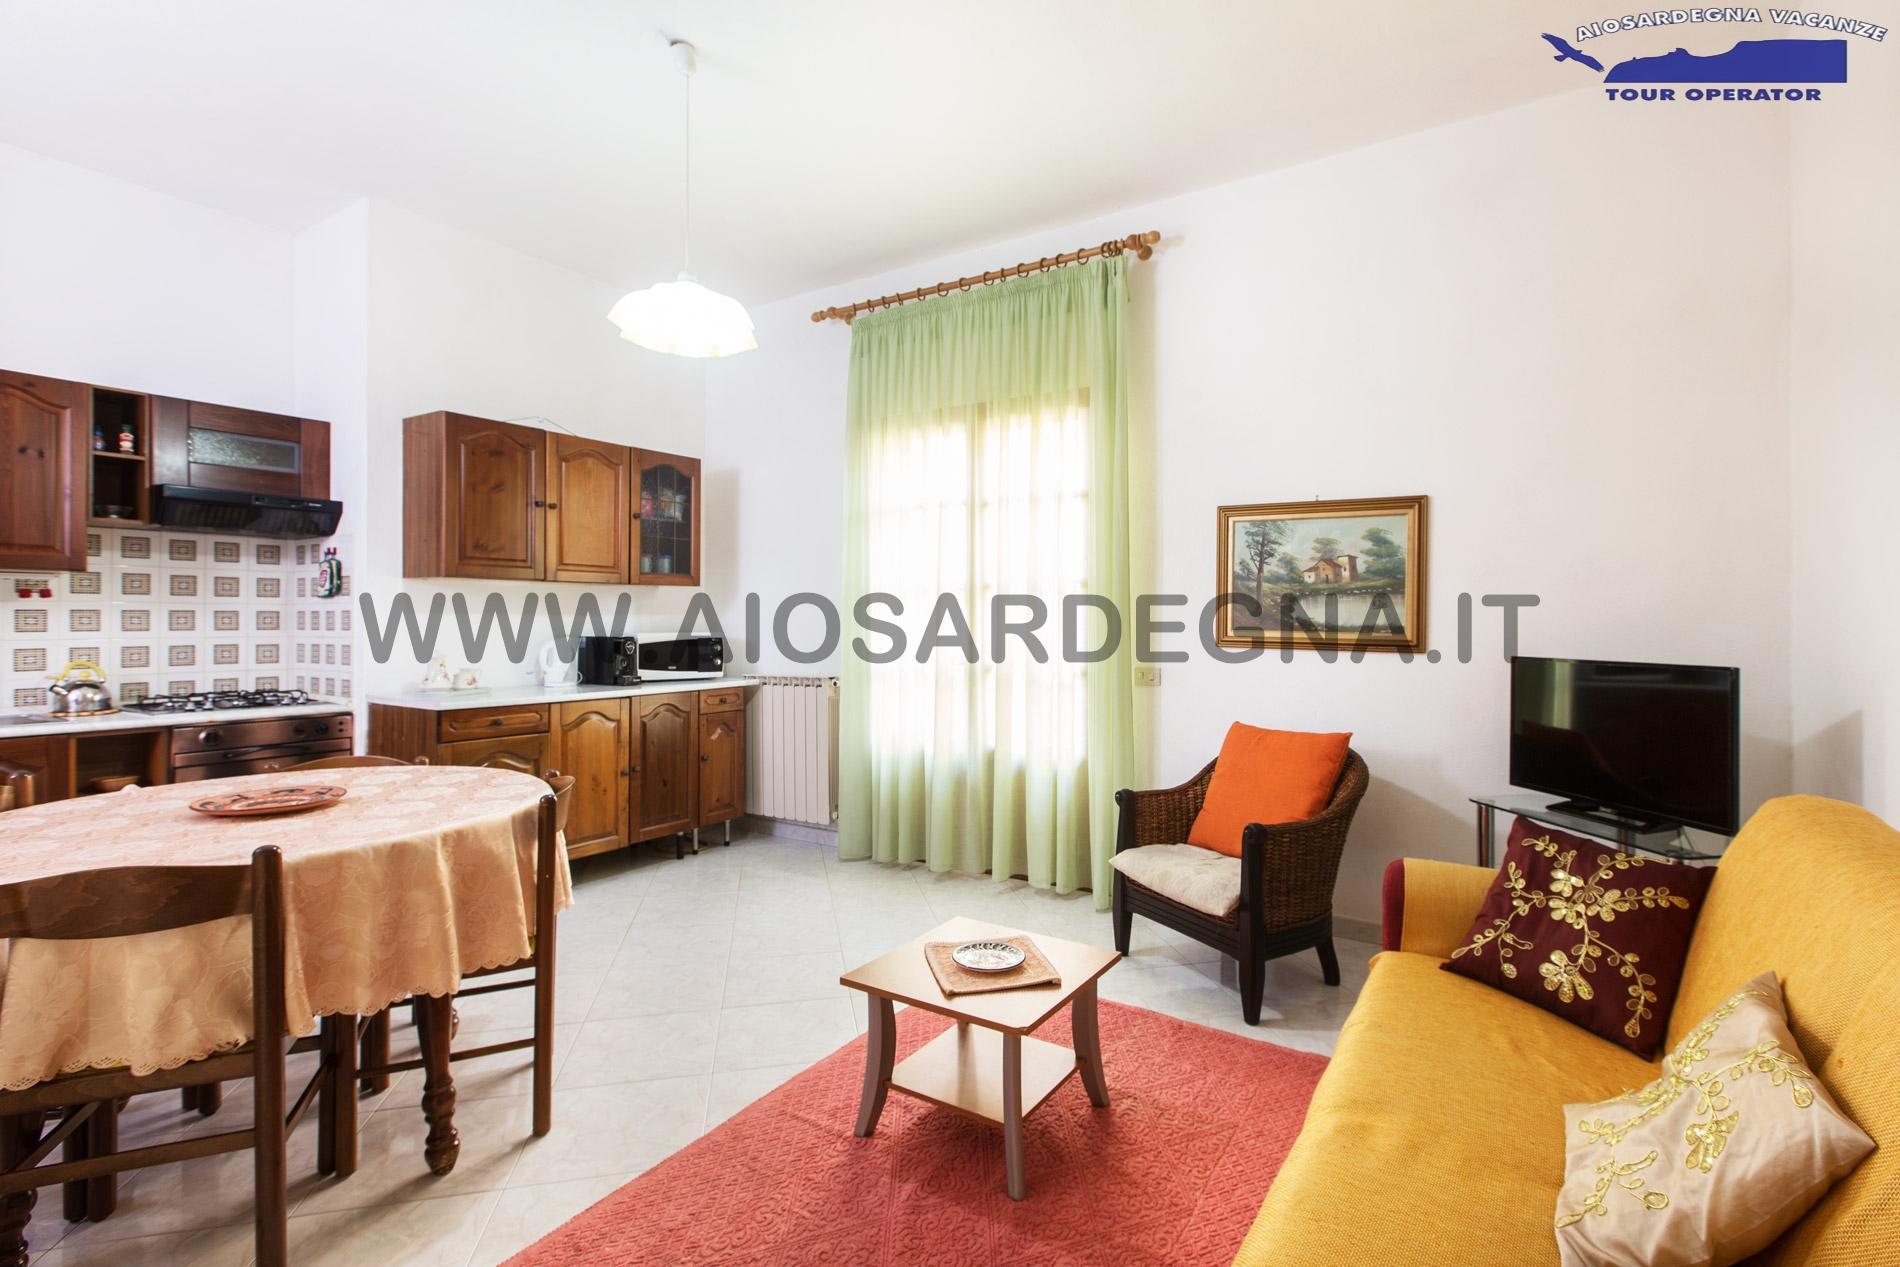 Dwa domu WiFi apartament Trilo z ogrodem Pula Sardynia